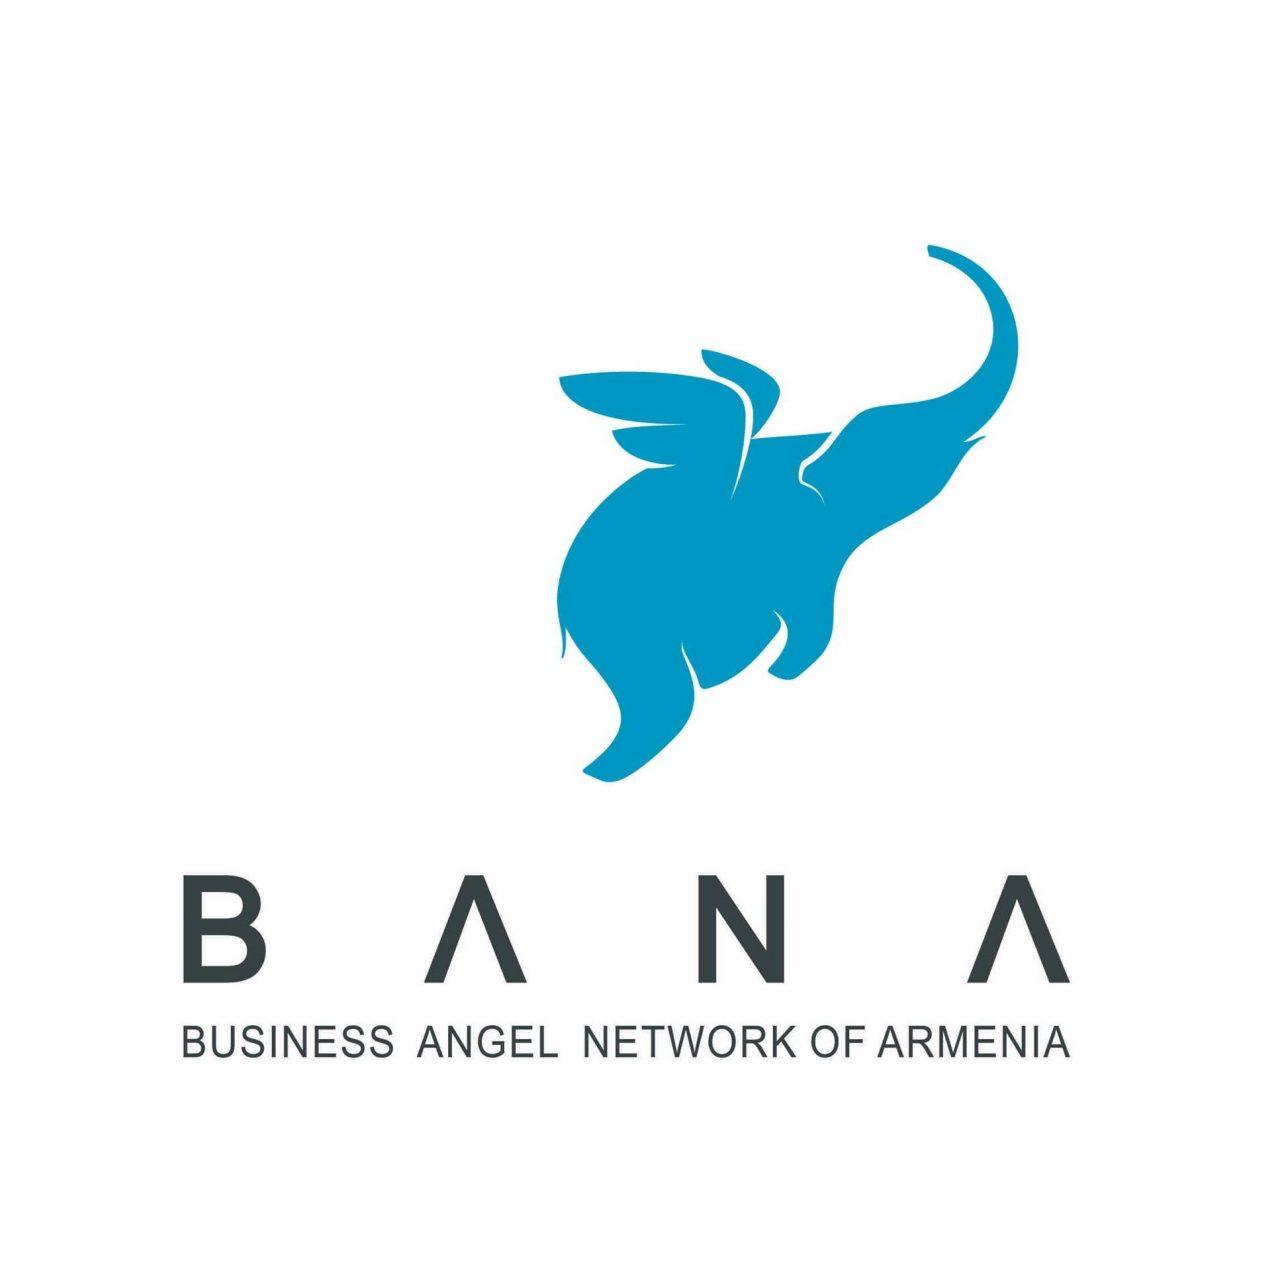 BANA-ն արդեն Եվրոպայի բիզնես հրեշտակների շարքում է